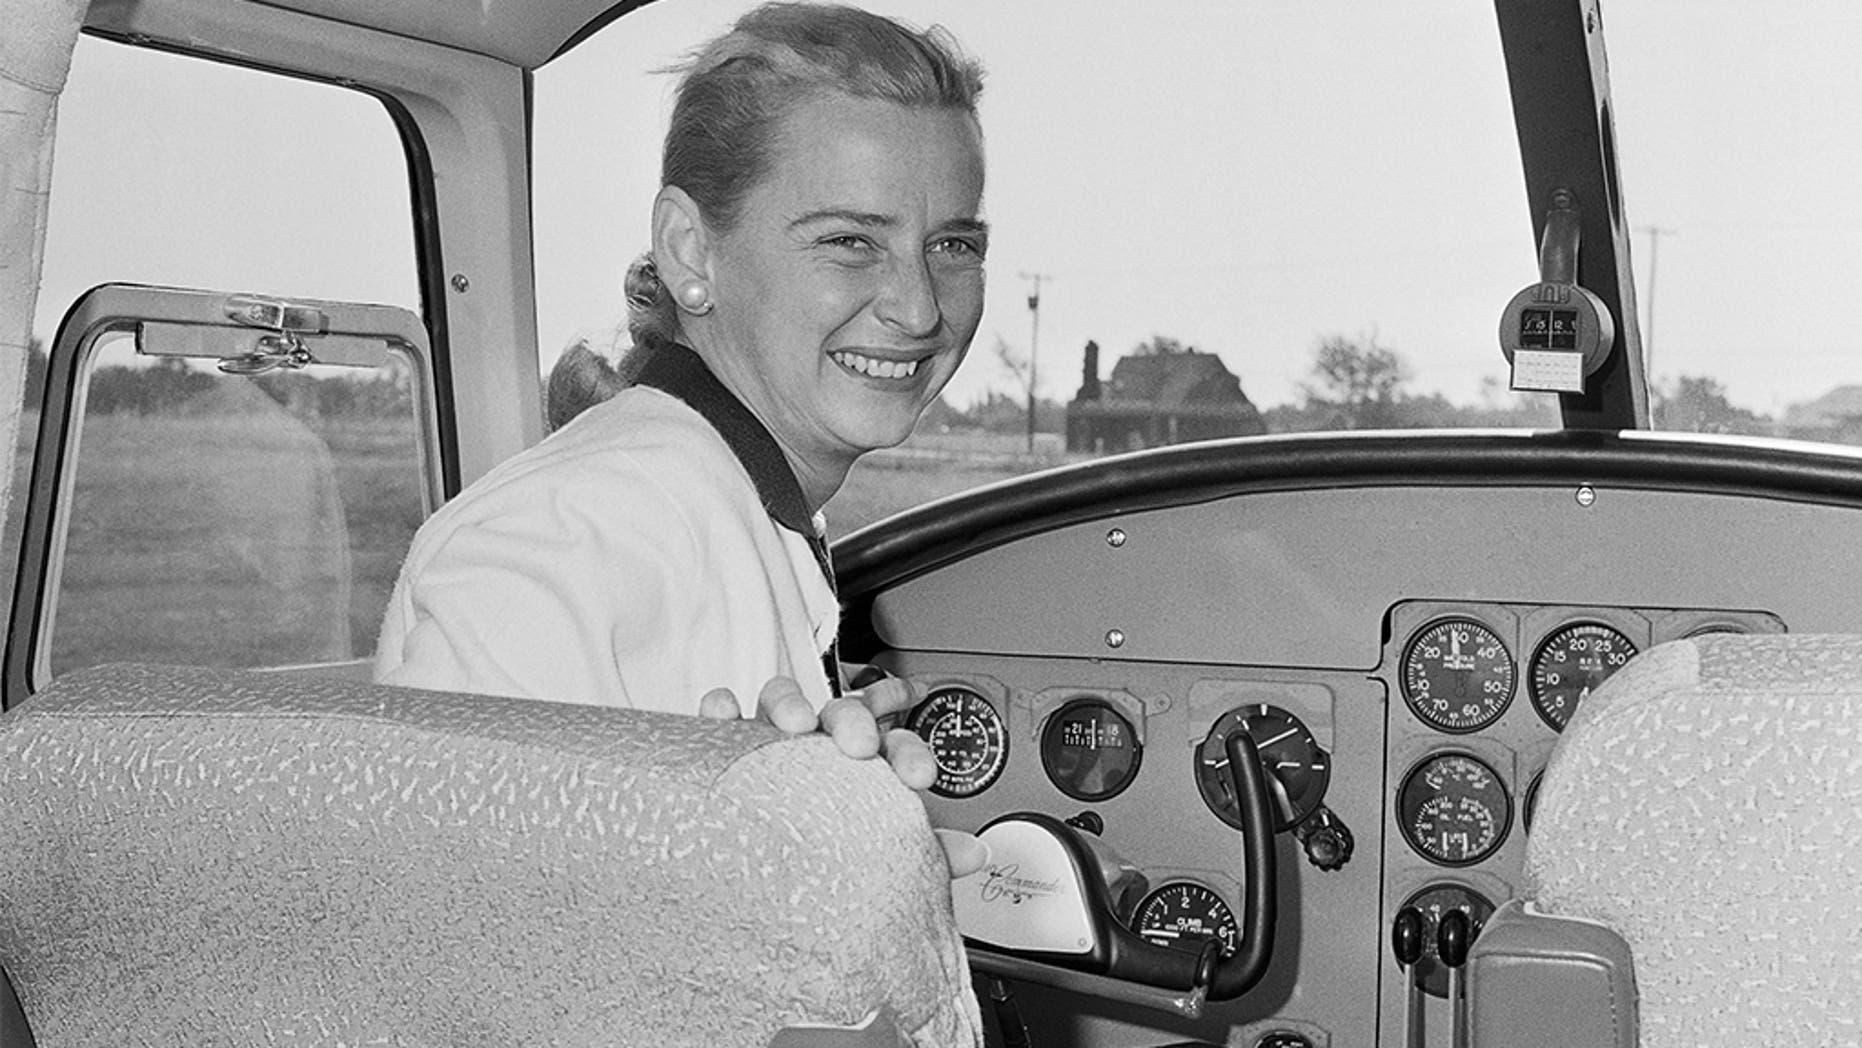 در این عکس عکس 14 اکتبر 1960، جری کوب در کابین خلبان هواپیمای قوماندان آئرو، به عنوان مدیر تبلیغات و فروش کمپانی شرکت تولید هواپیما در شهر اوکلاهما، نشسته است. (AP Photo)